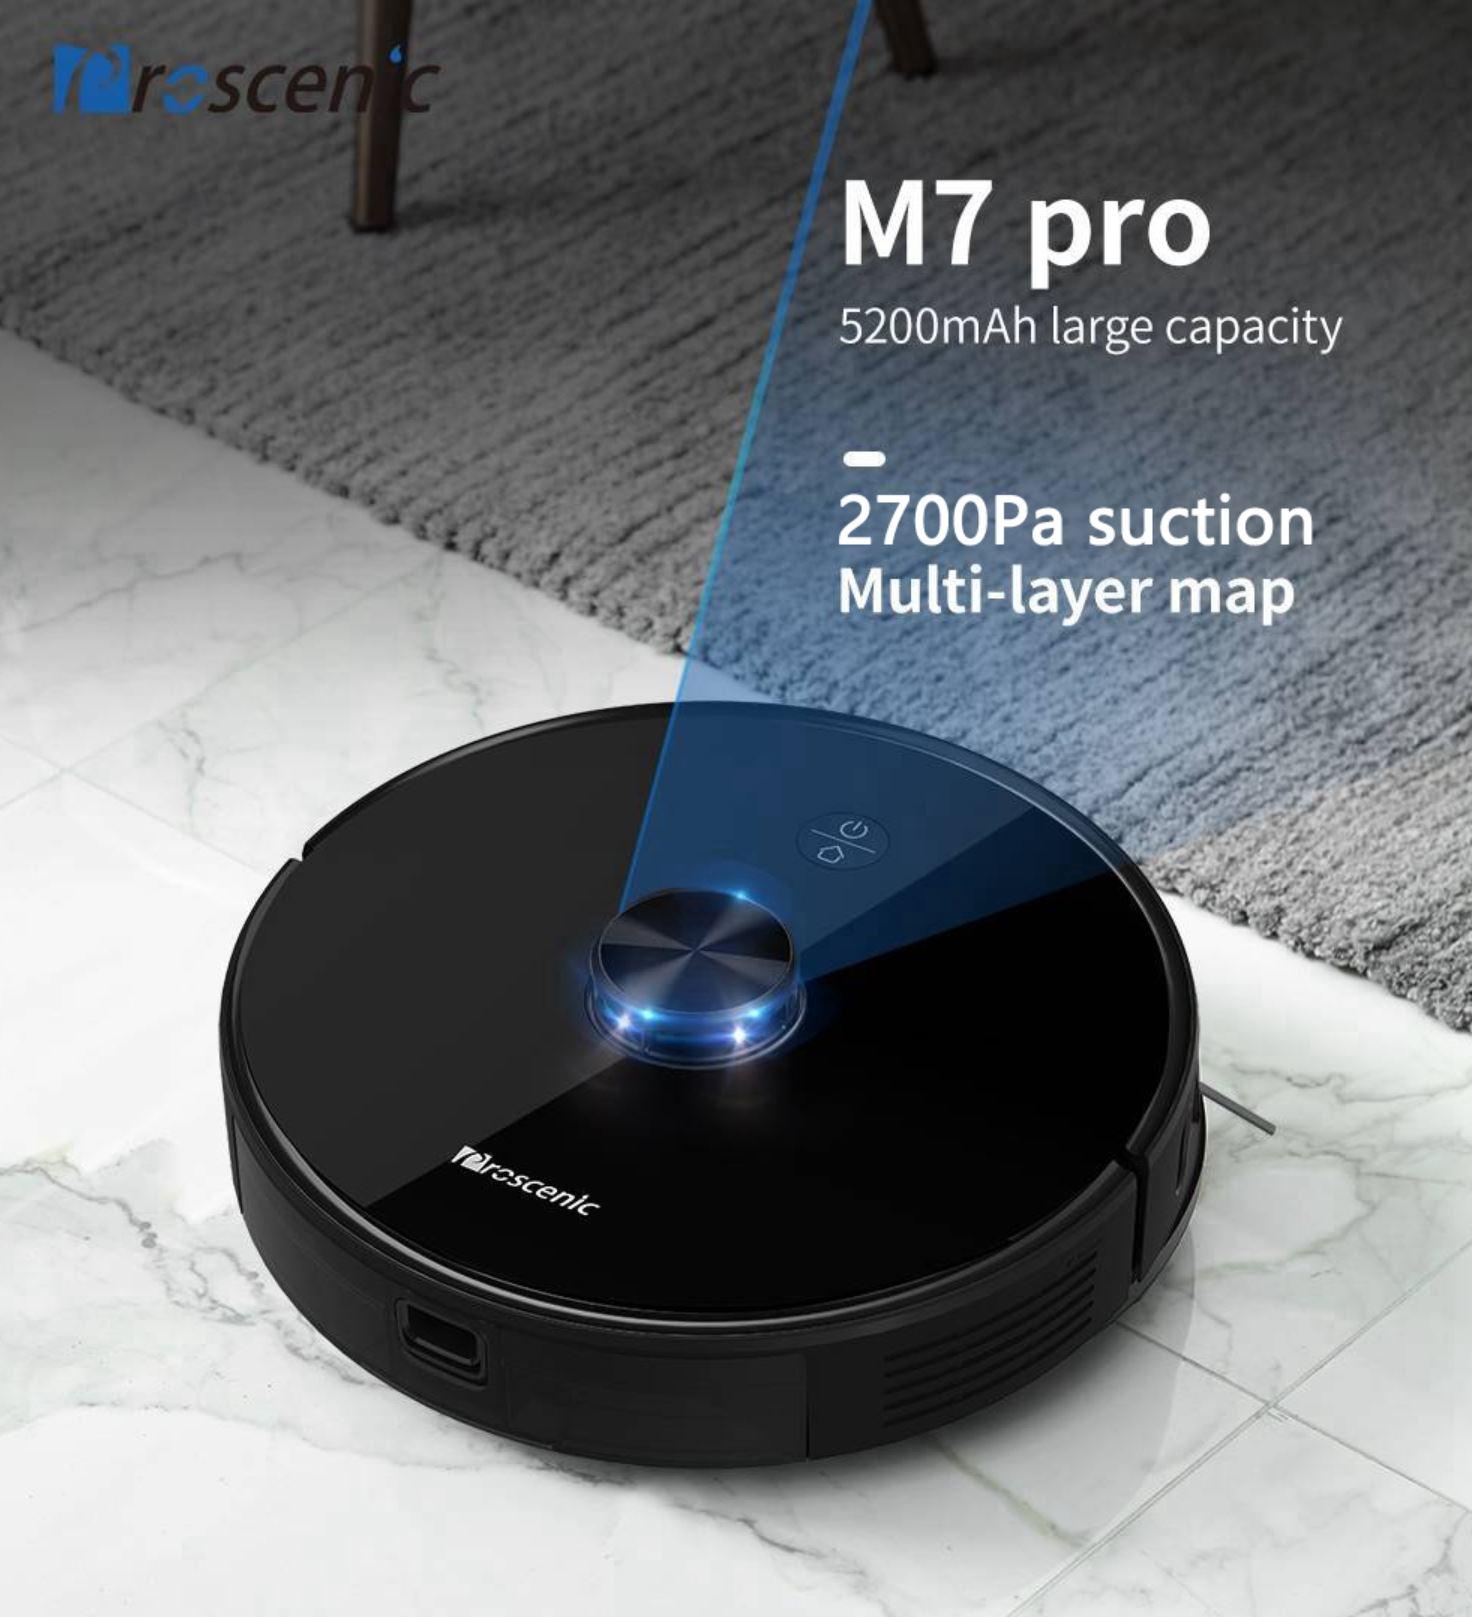 Promocja Proscenic M8 Pro - robot ze stacją na kurz w super cenie - oferta Proscenica M7 Pro